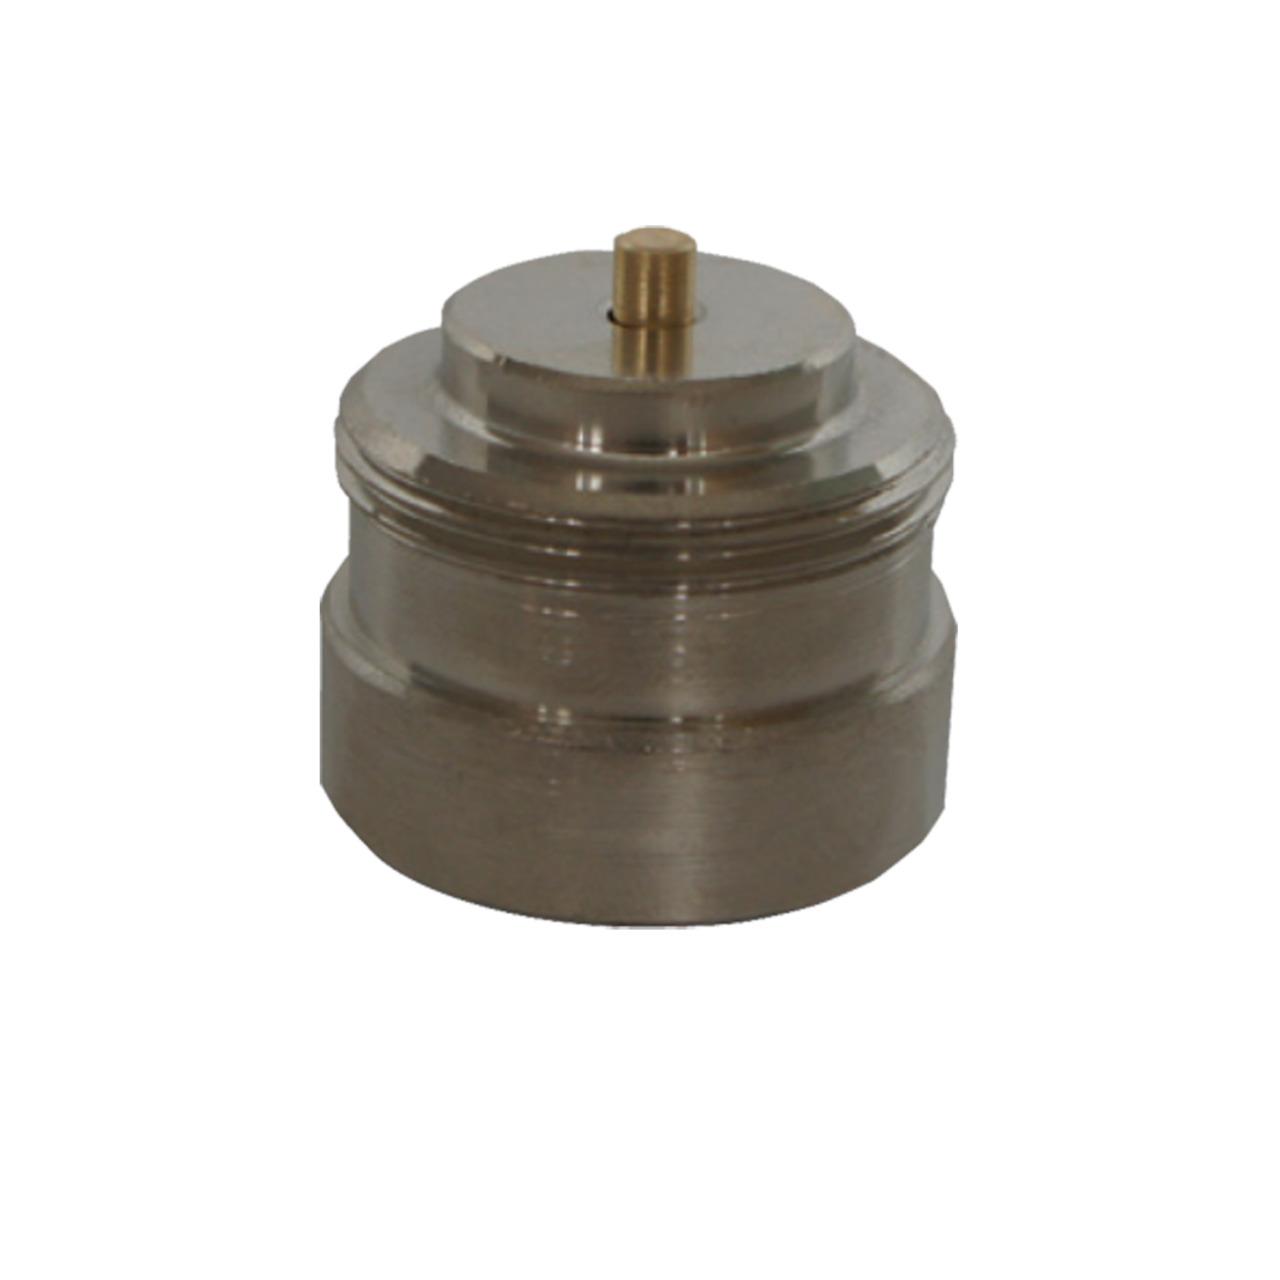 Adapter für Heizungsventil Vama M28x1-0 (Messing)